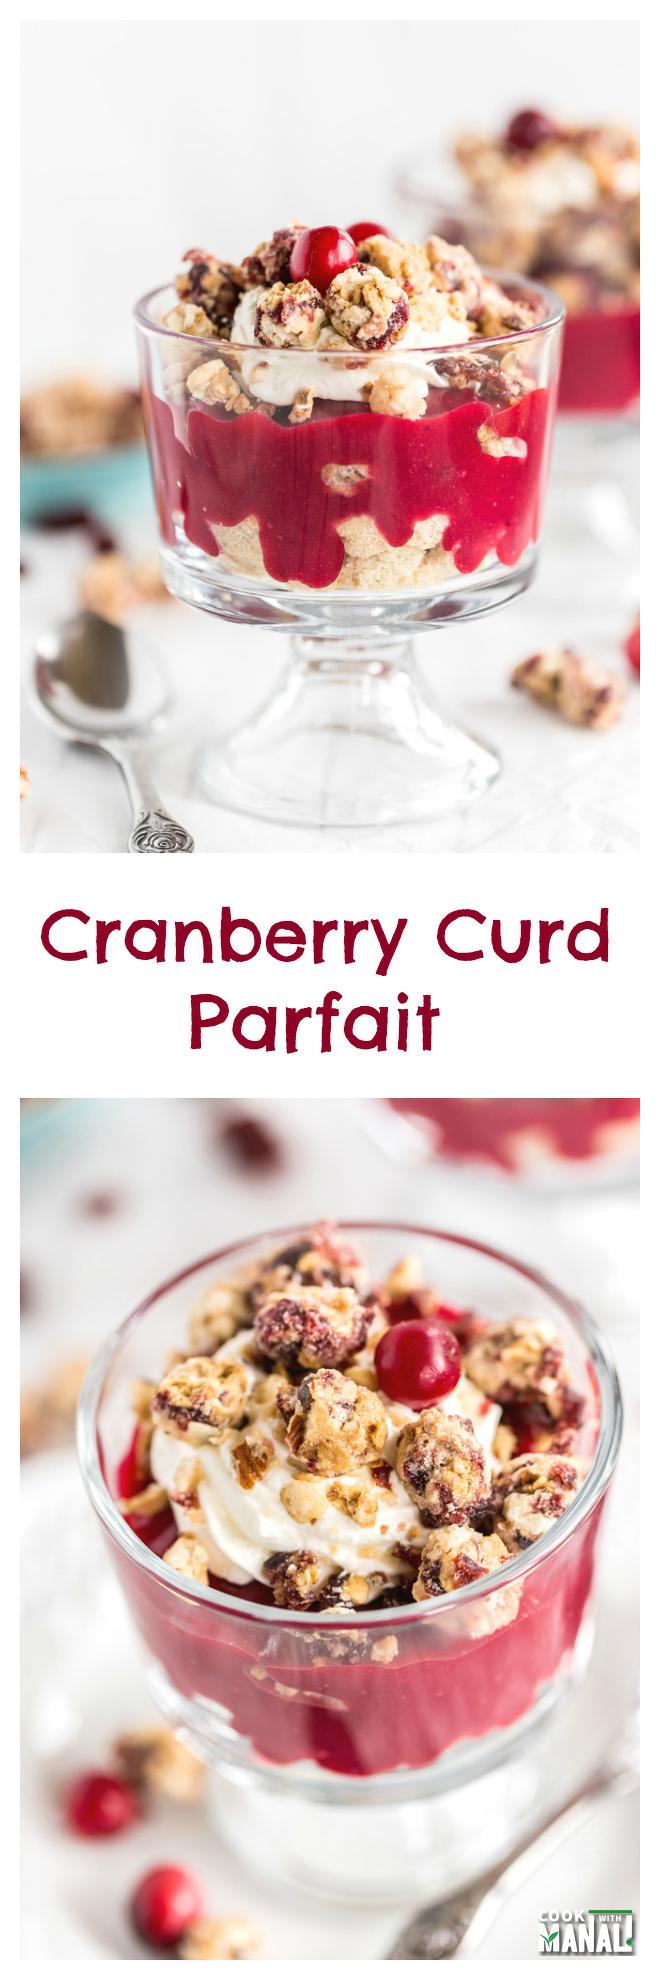 Cranberry Curd Parfait Collage